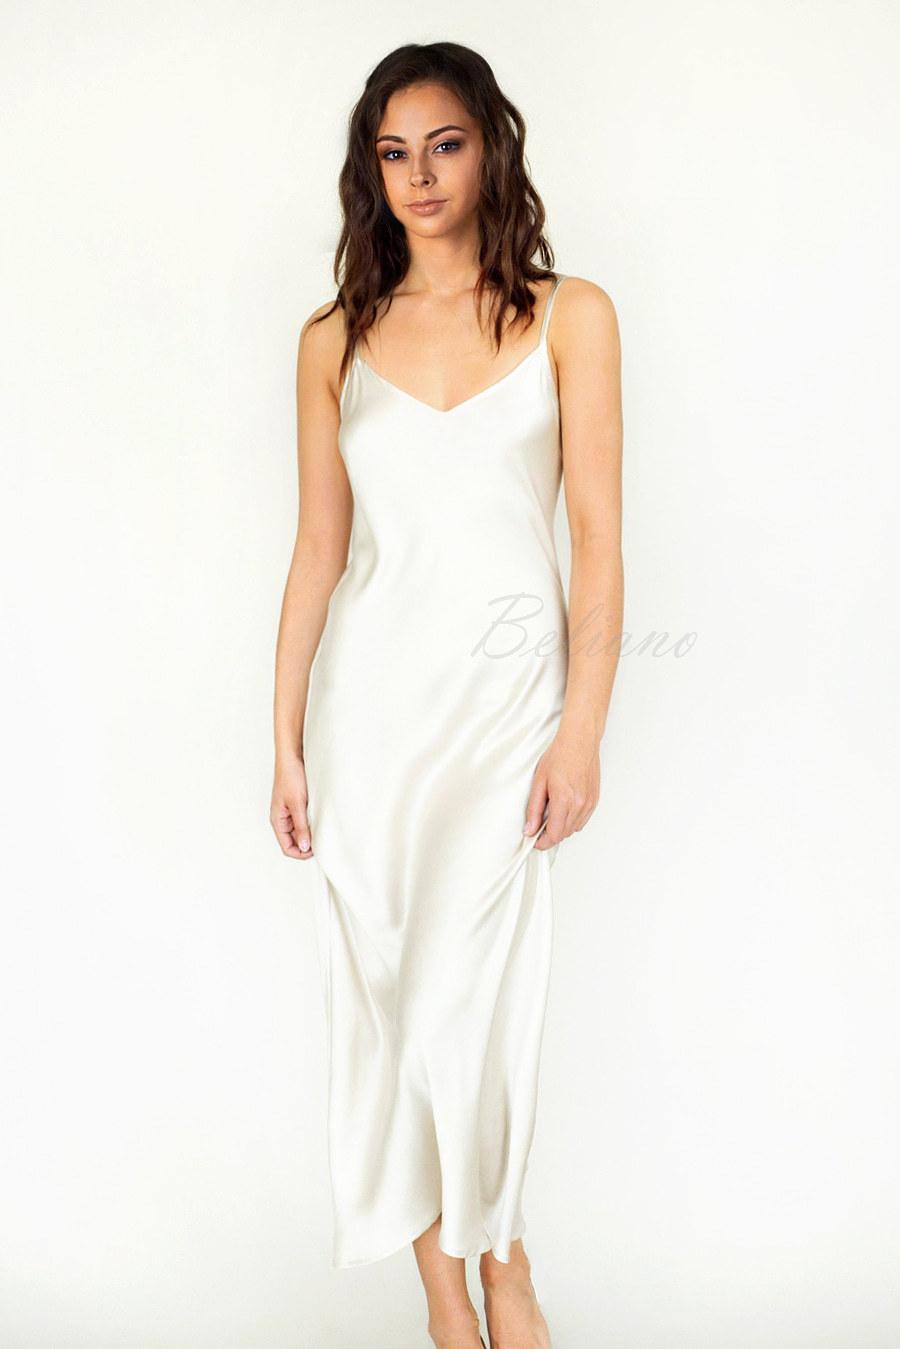 Шелковое платье комбинация из натурального шелка длинное в пол